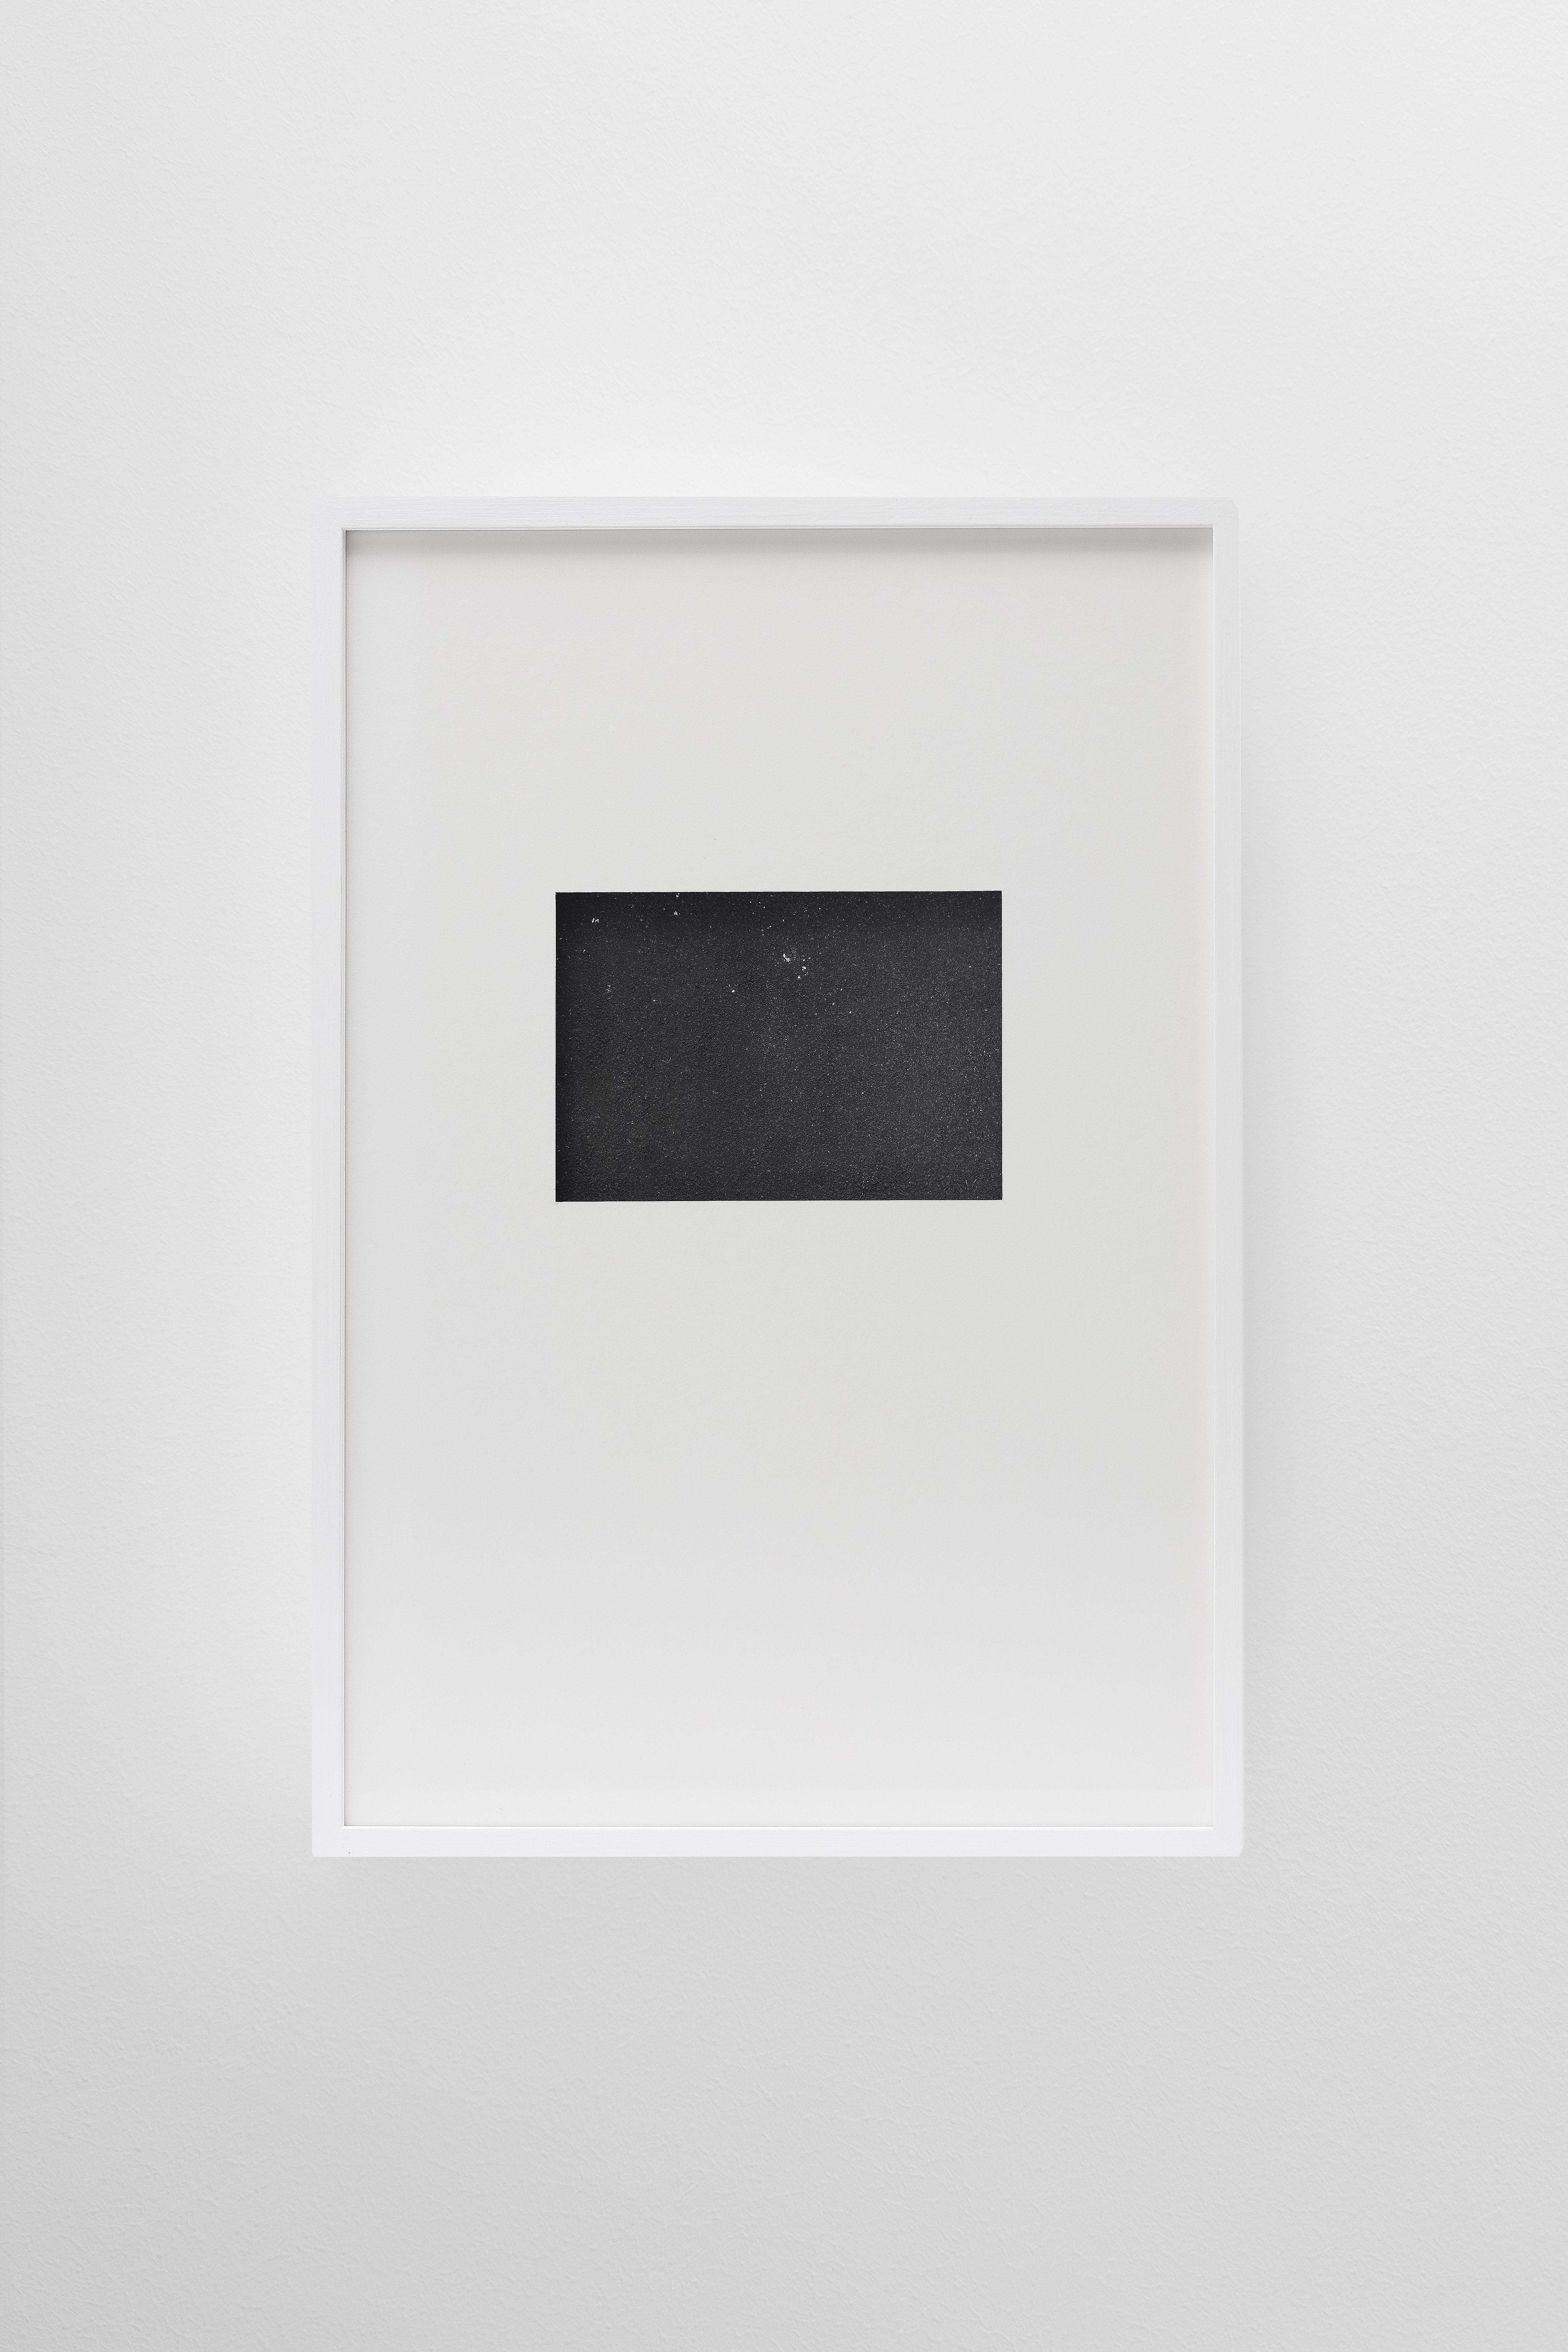 M. E. Novello, Notturni I, 2018